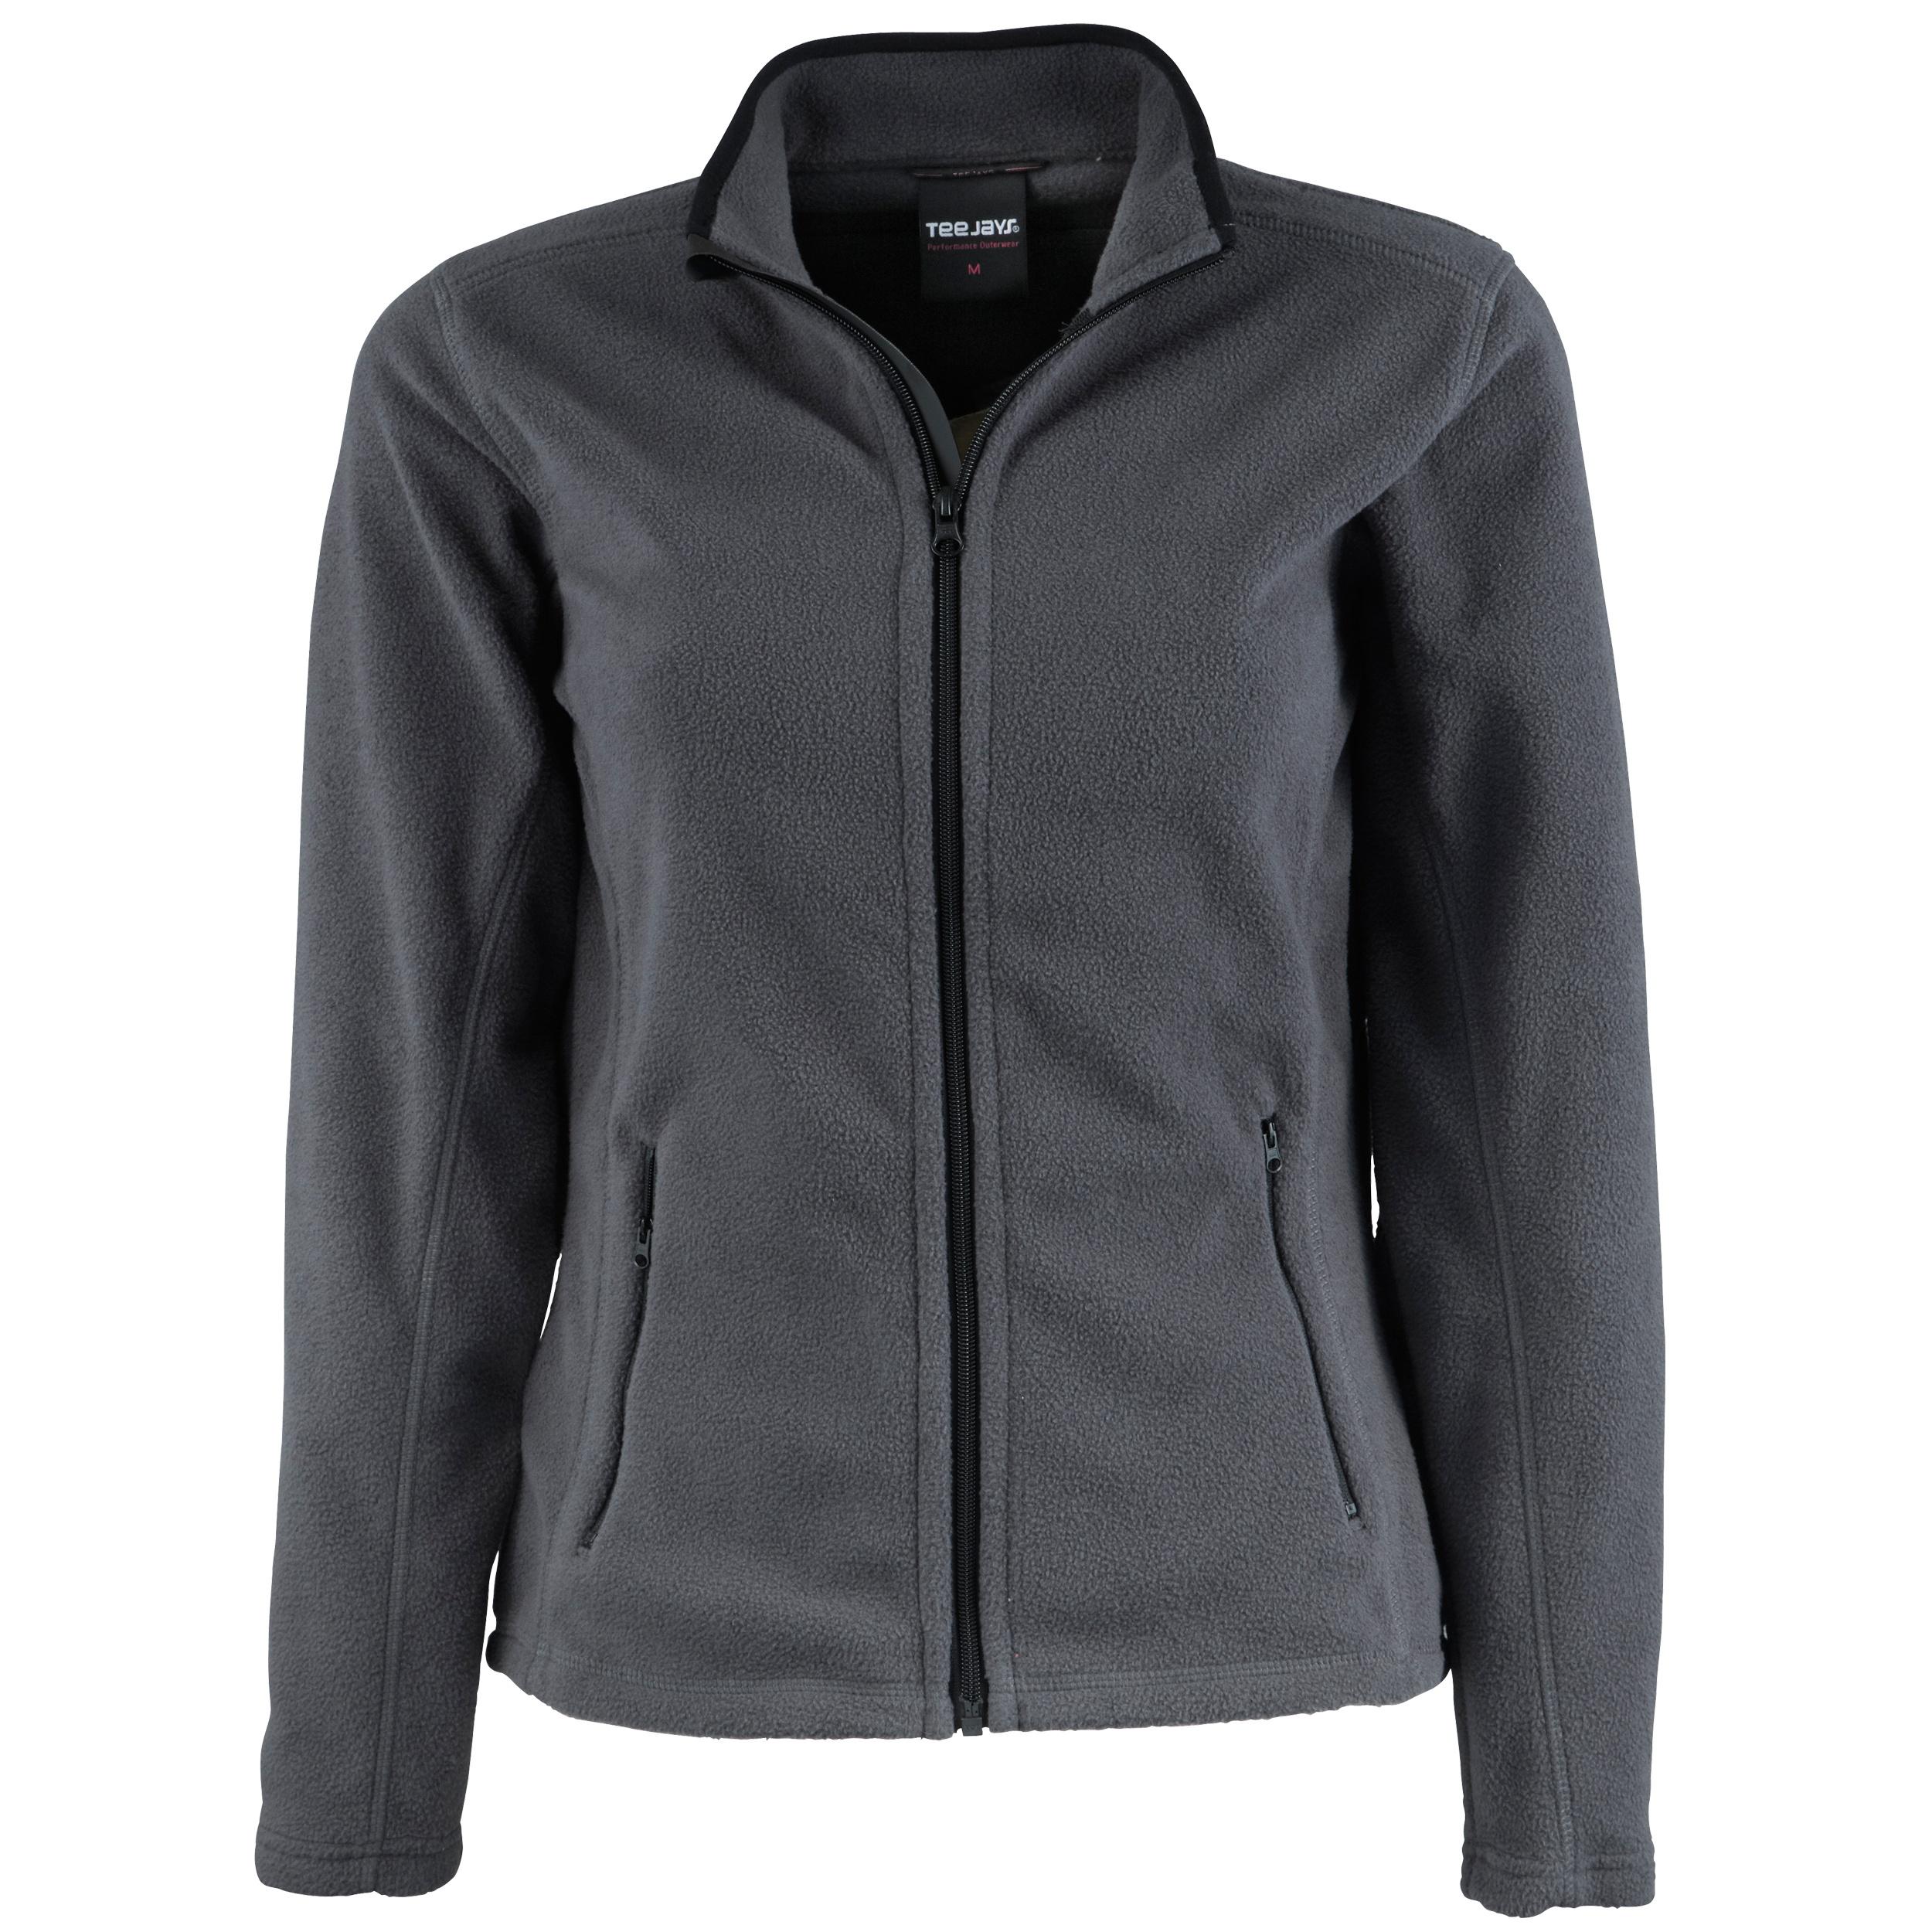 Tee Jays Womens/Ladies Full Zip Active Lightweight Fleece Jacket (L) (Dark Grey)